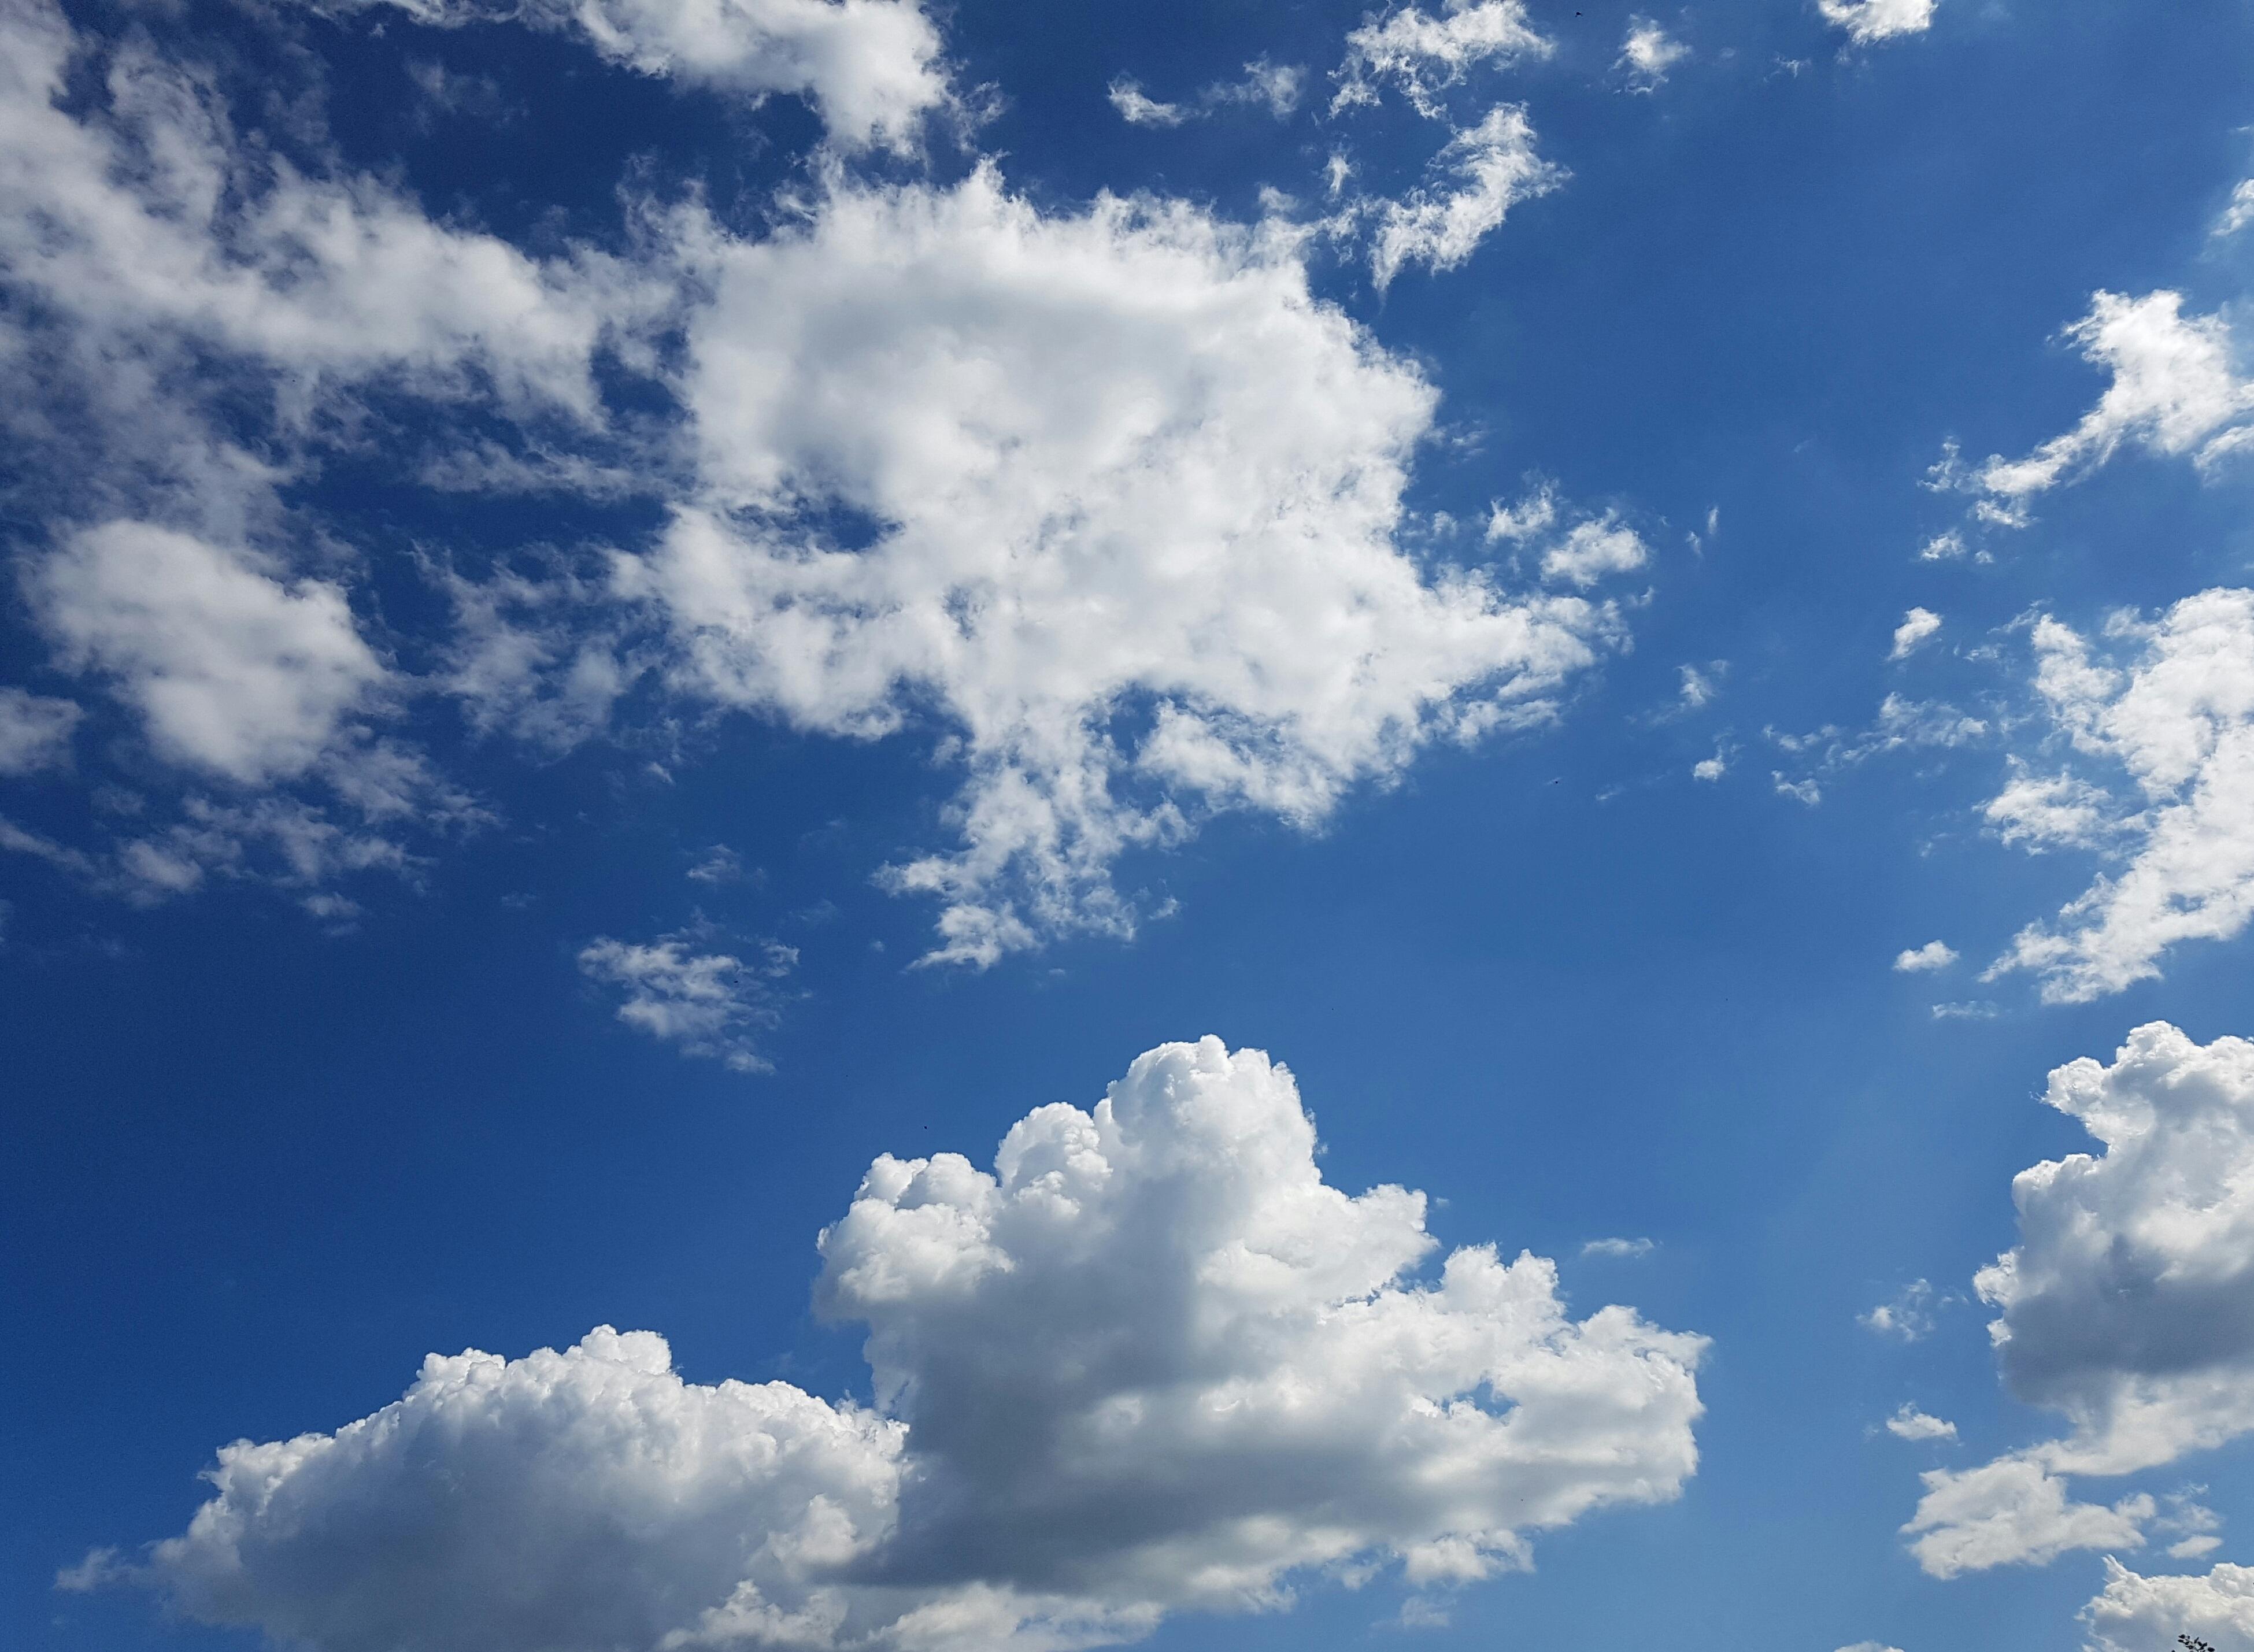 программ картинки небо облака богатством левее